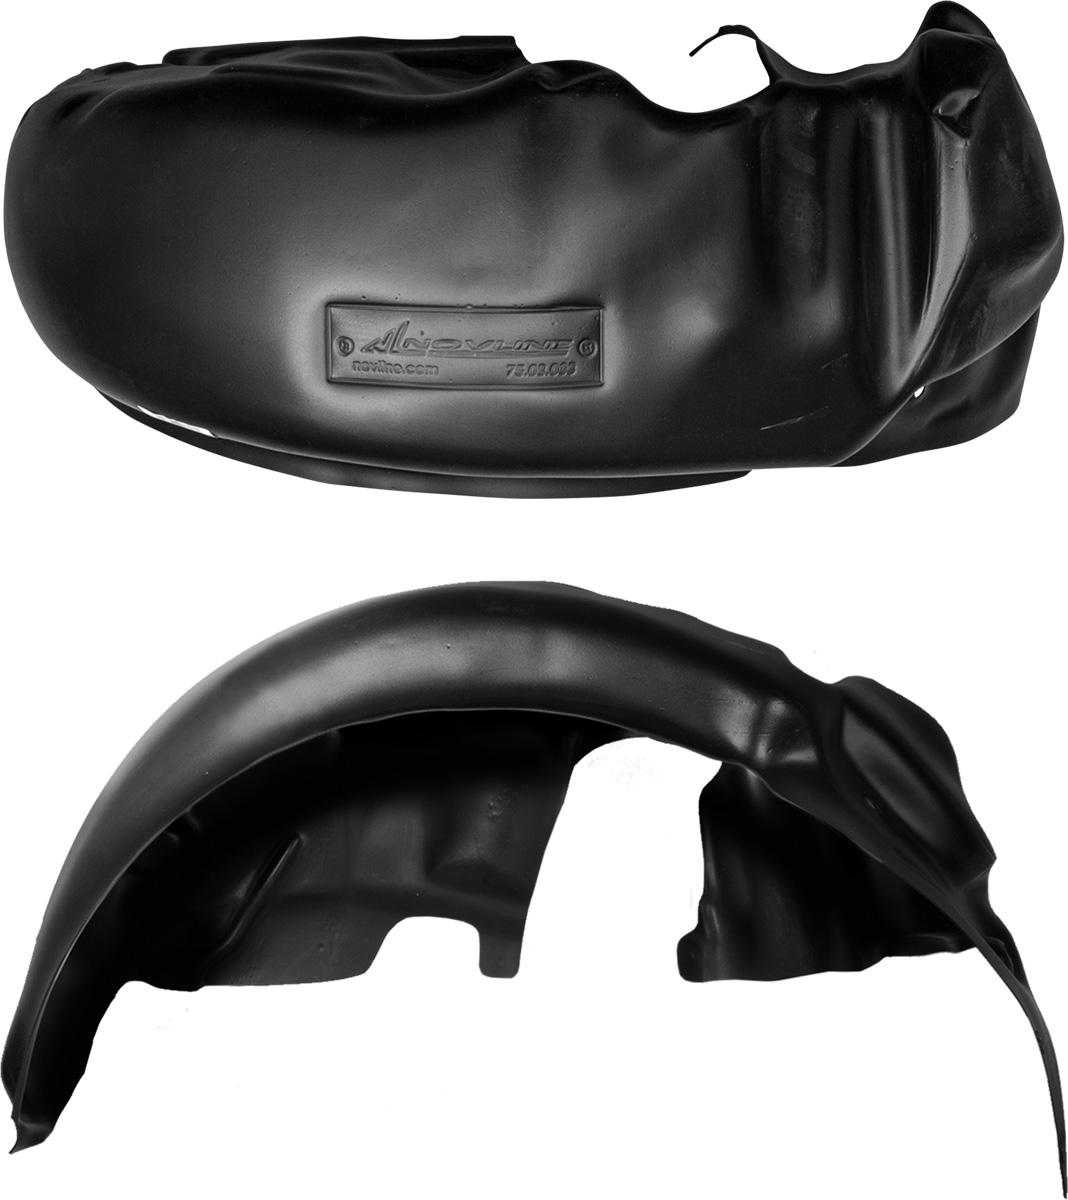 Подкрылок GEELY Emgrand EC7, 2011->, задний левыйNLL.75.05.003Колесные ниши – одни из самых уязвимых зон днища вашего автомобиля. Они постоянно подвергаются воздействию со стороны дороги. Лучшая, почти абсолютная защита для них - специально отформованные пластиковые кожухи, которые называются подкрылками, или локерами. Производятся они как для отечественных моделей автомобилей, так и для иномарок. Подкрылки выполнены из высококачественного, экологически чистого пластика. Обеспечивают надежную защиту кузова автомобиля от пескоструйного эффекта и негативного влияния, агрессивных антигололедных реагентов. Пластик обладает более низкой теплопроводностью, чем металл, поэтому в зимний период эксплуатации использование пластиковых подкрылков позволяет лучше защитить колесные ниши от налипания снега и образования наледи. Оригинальность конструкции подчеркивает элегантность автомобиля, бережно защищает нанесенное на днище кузова антикоррозийное покрытие и позволяет осуществить крепление подкрылков внутри колесной арки практически без дополнительного...